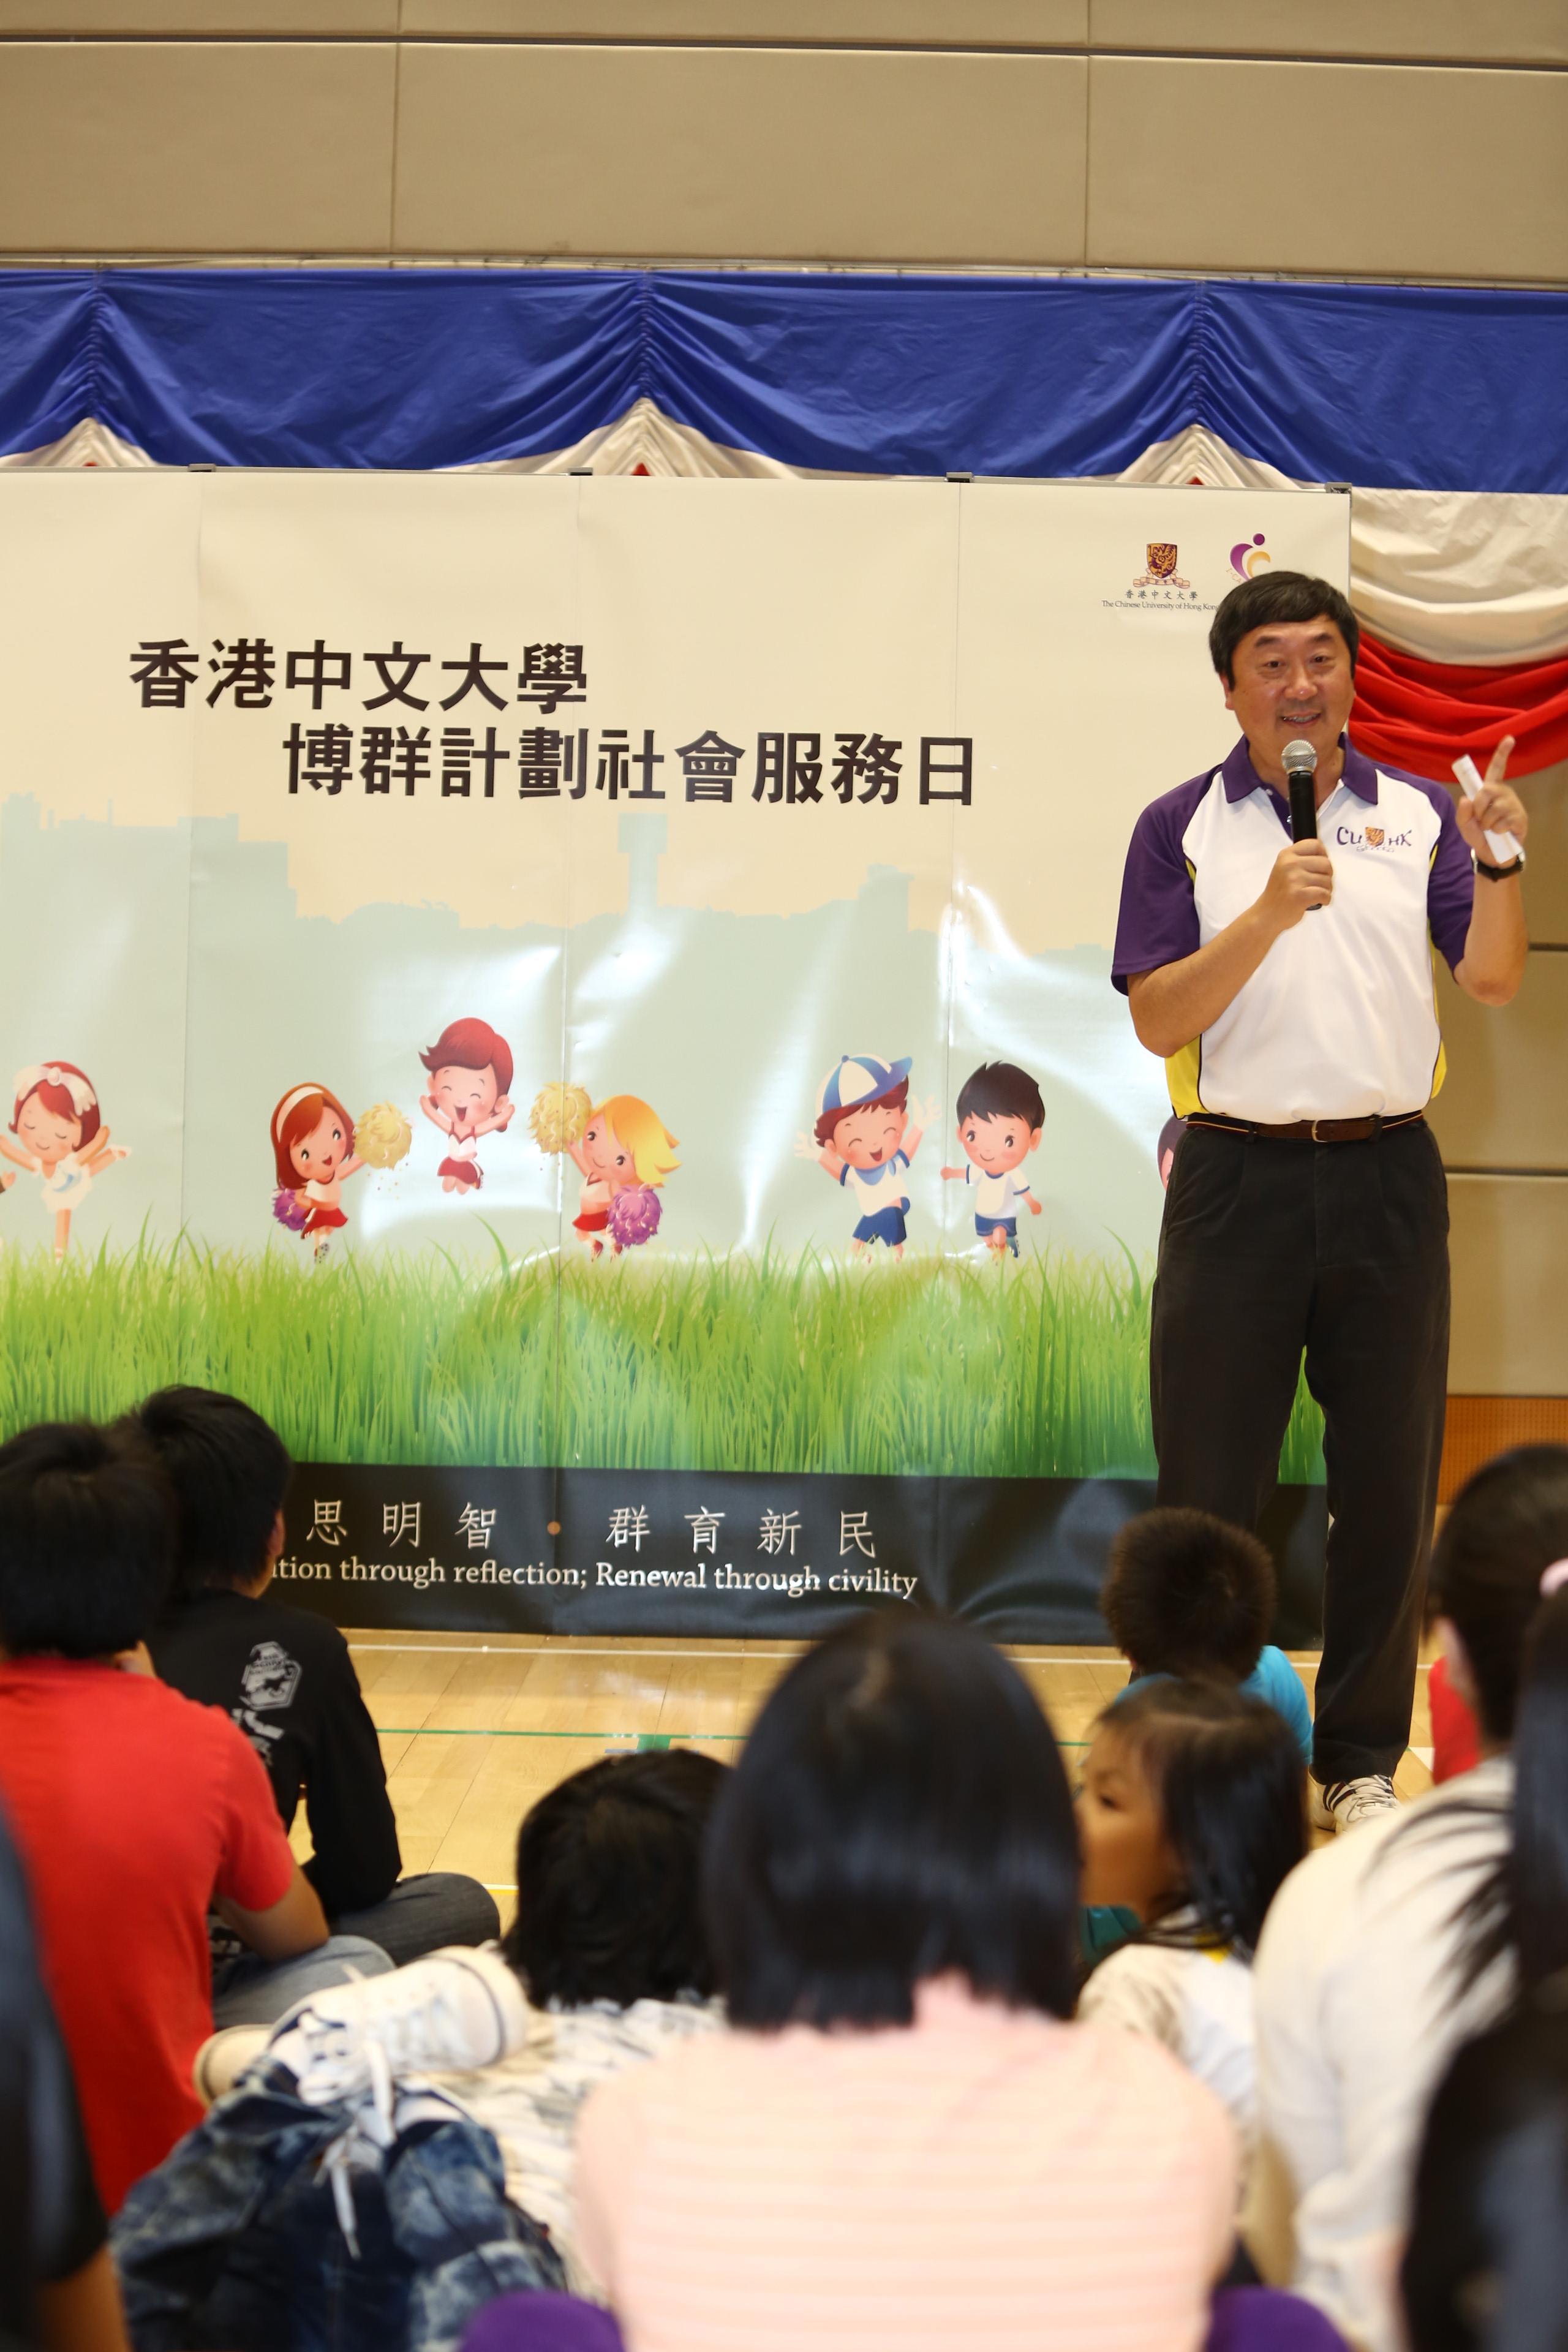 中大校長暨社會及公民參與督導委員會聯席主席沈祖堯教授於「博群社會服務日」開幕禮上致辭。